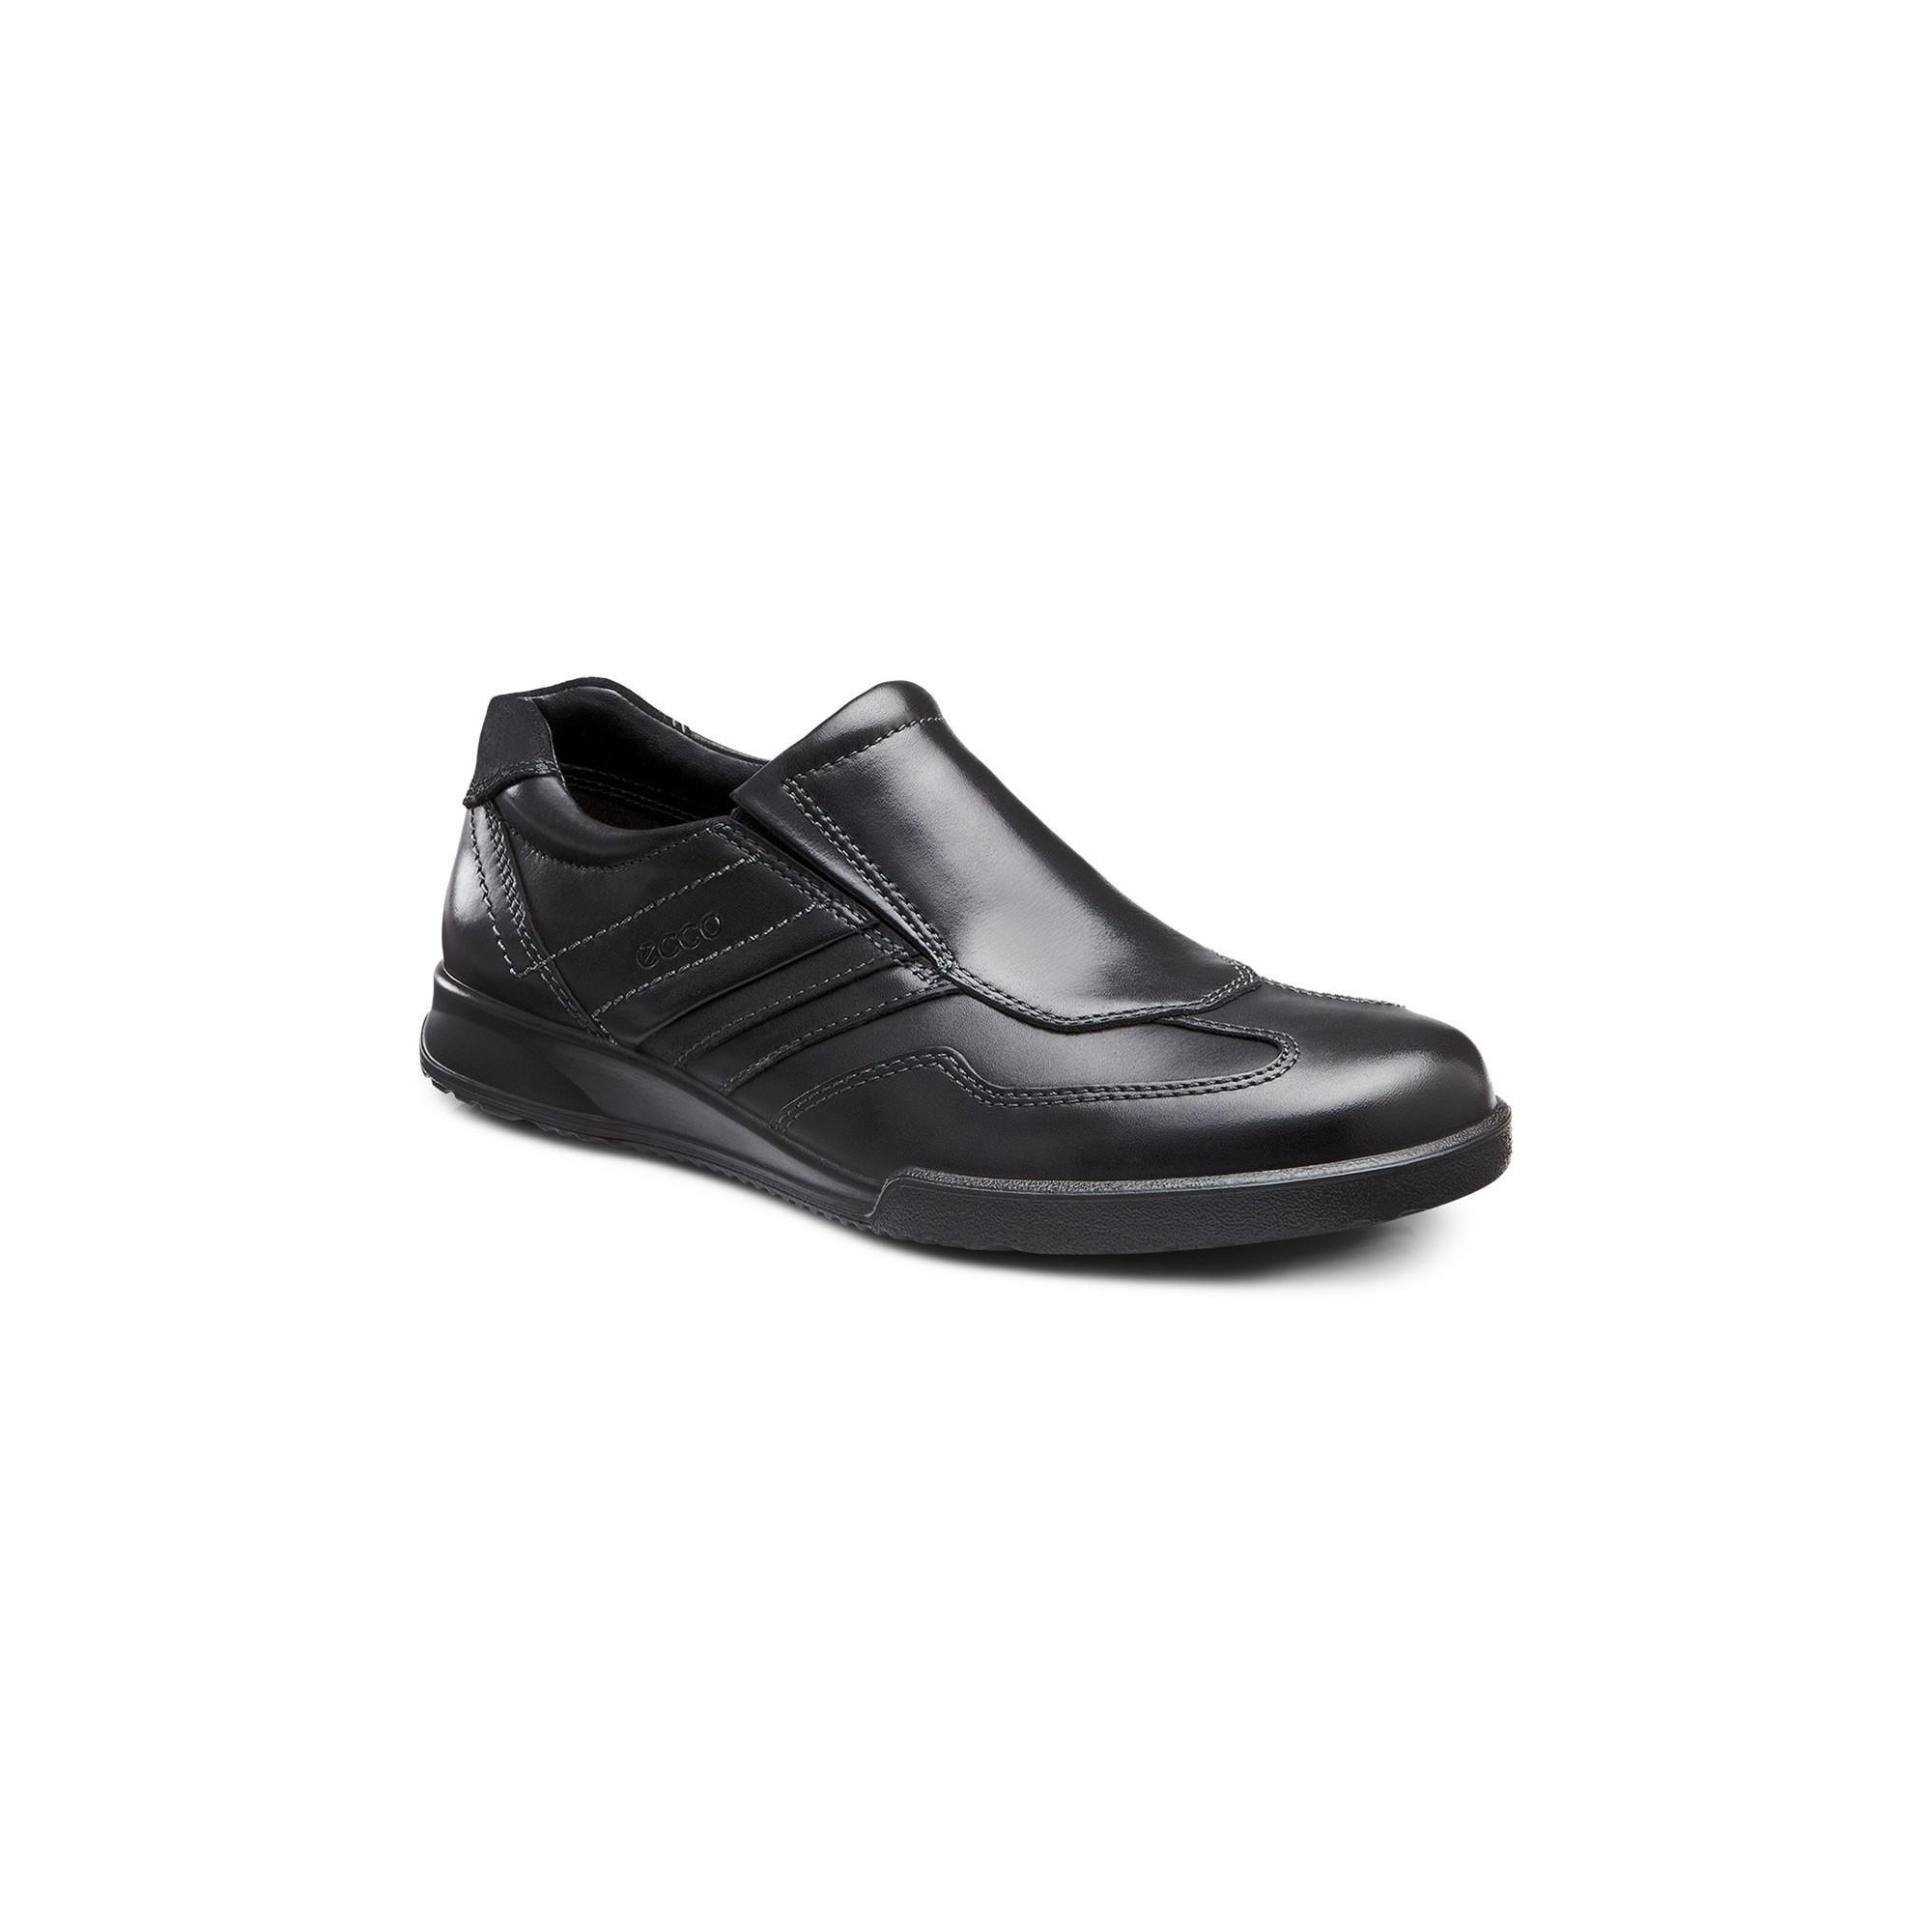 separation shoes 4a1c8 d49be ECCO calzature, ECCO Schuhe, ECCO shoes, calzature ECCO, ECCO golf, Gore Tex